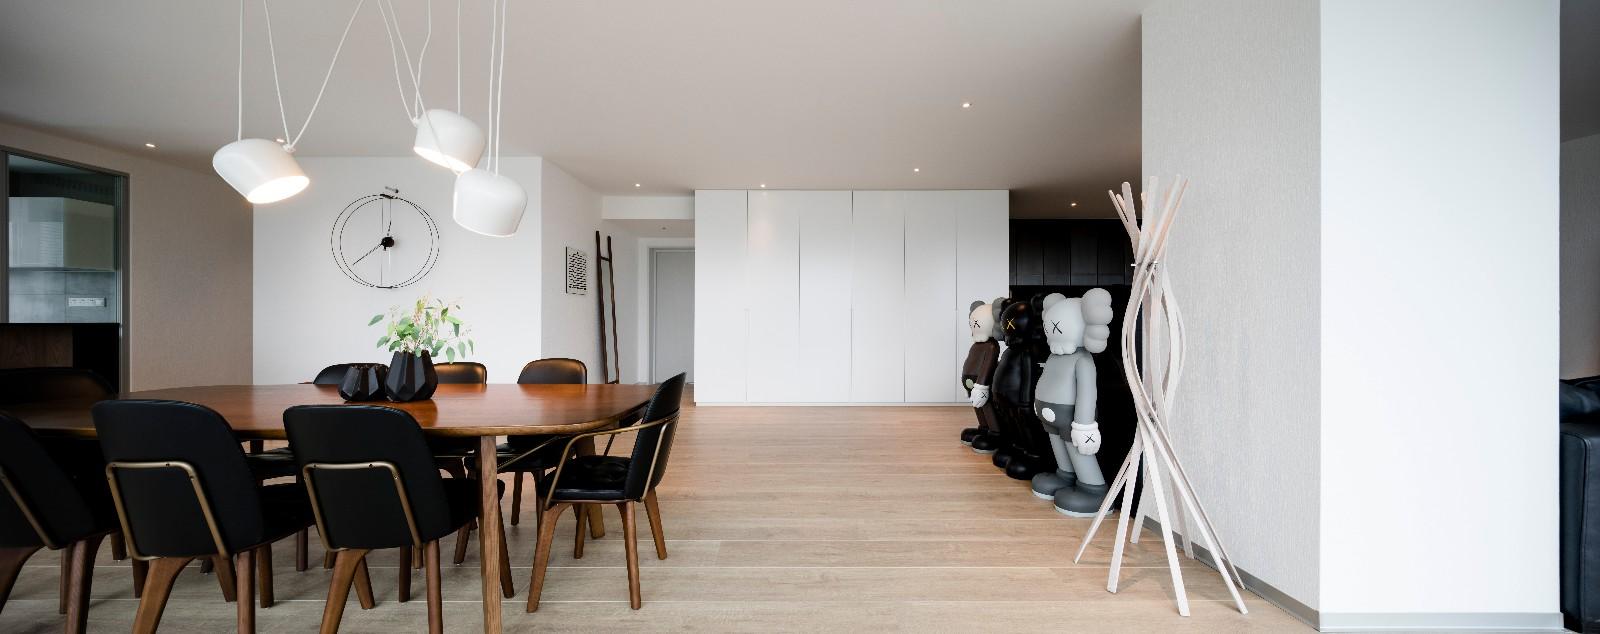 方磊新作 | 有趣的住宅,KAWS玩偶让视觉感翻倍!